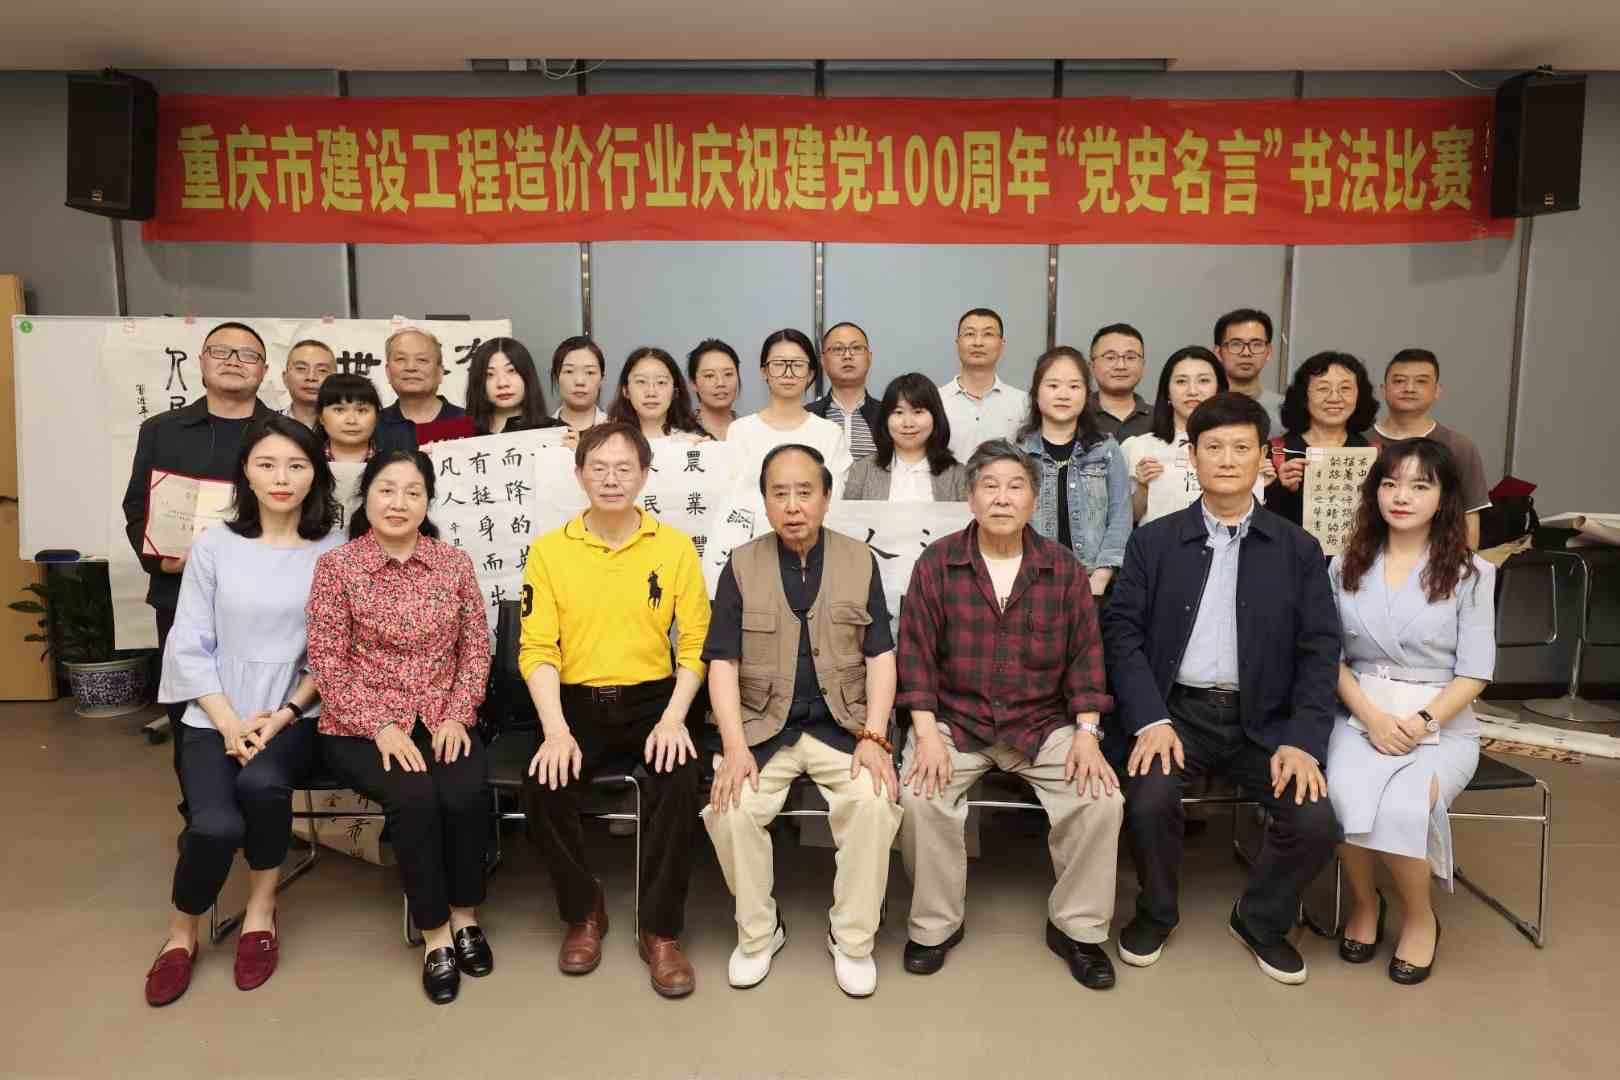 """重庆市建设工程造价行业庆祝建党100周年""""党史名言""""书法比赛圆满结束 获奖名单出炉"""